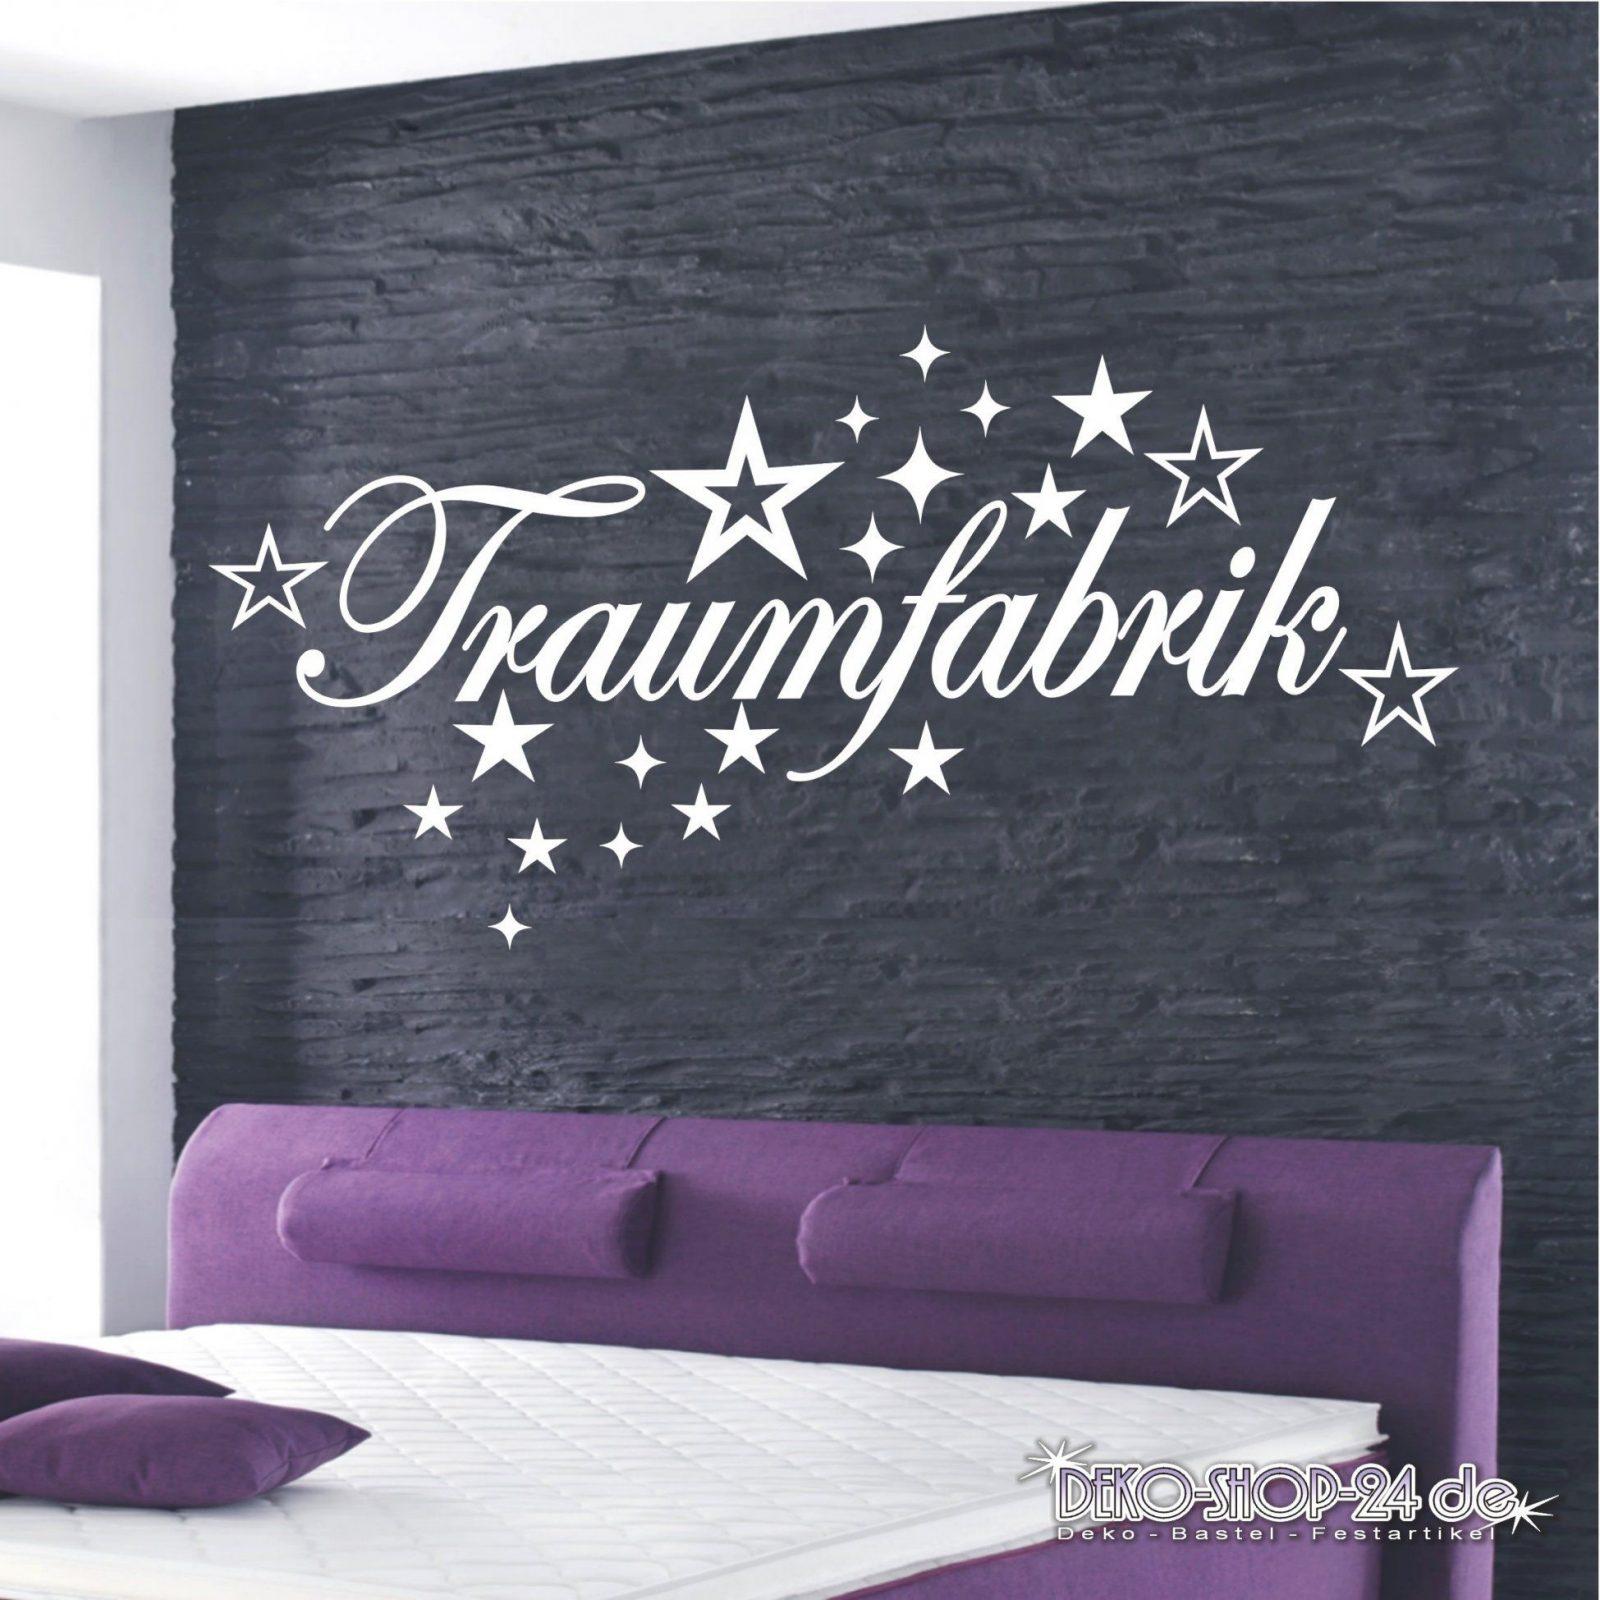 Wandtattoo Schlafzimmer Schön Wandtattoo Schlafzimmer Selber Malen von Wandtattoo Schlafzimmer Selber Malen Bild